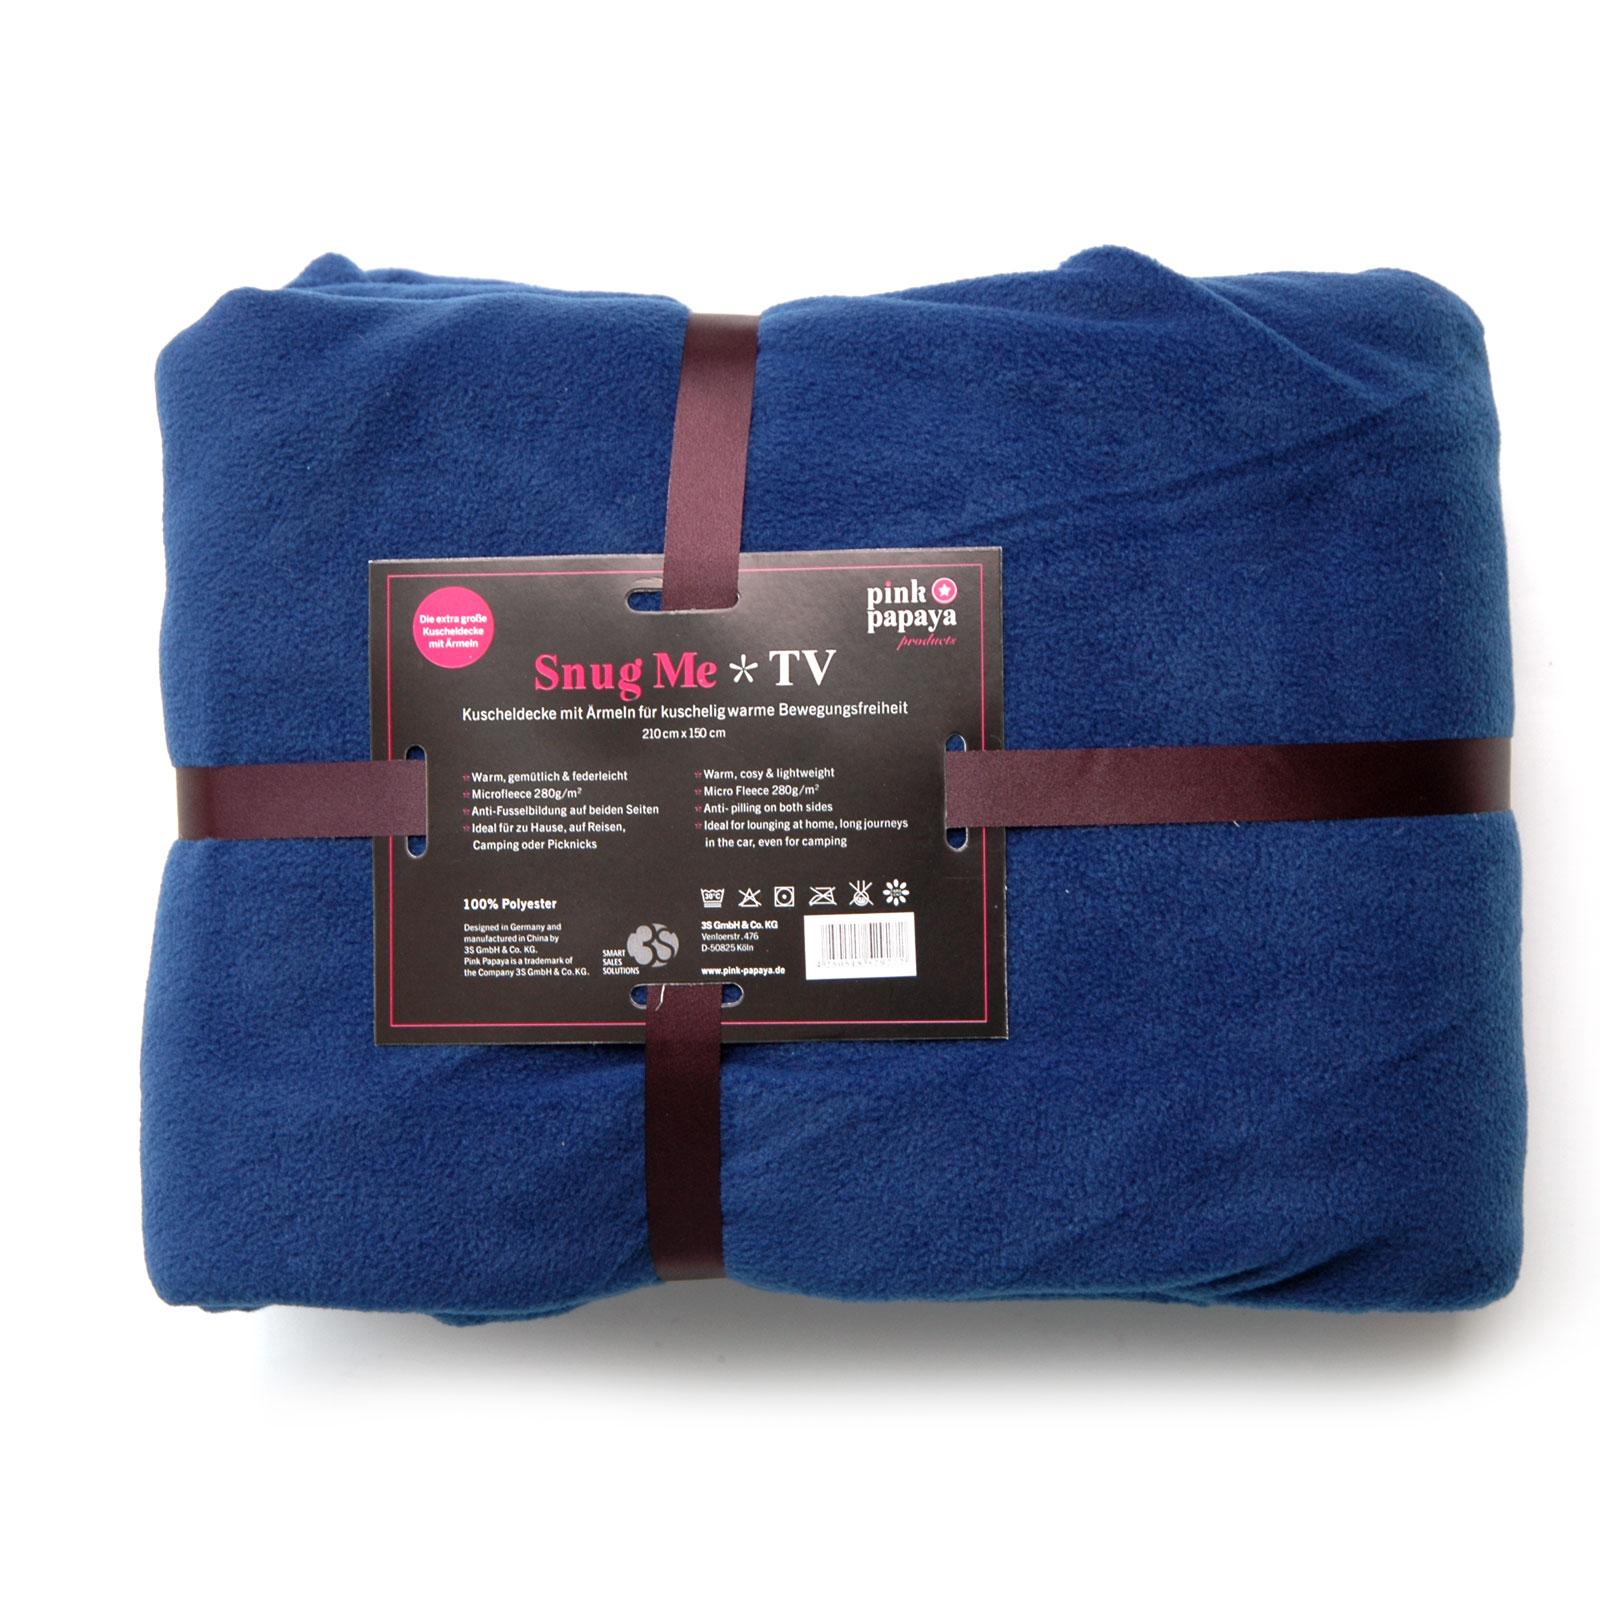 Snug Me TV - extra große Luxus Kuscheldecke mit Ärmeln - blau